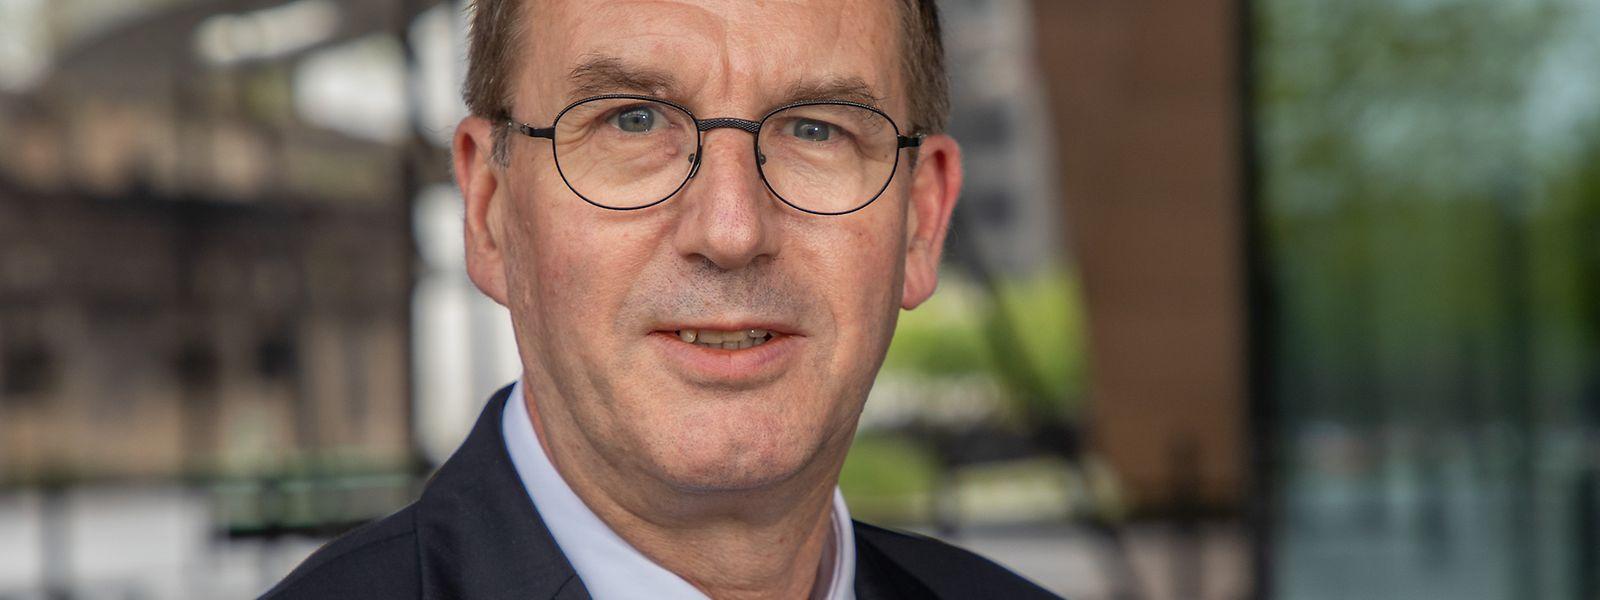 Gilbert Massard ist Professor für Herz-Thorax-Chirurgie und seit vielen Jahren am Universitätskrankenhaus Straßburg tätig.